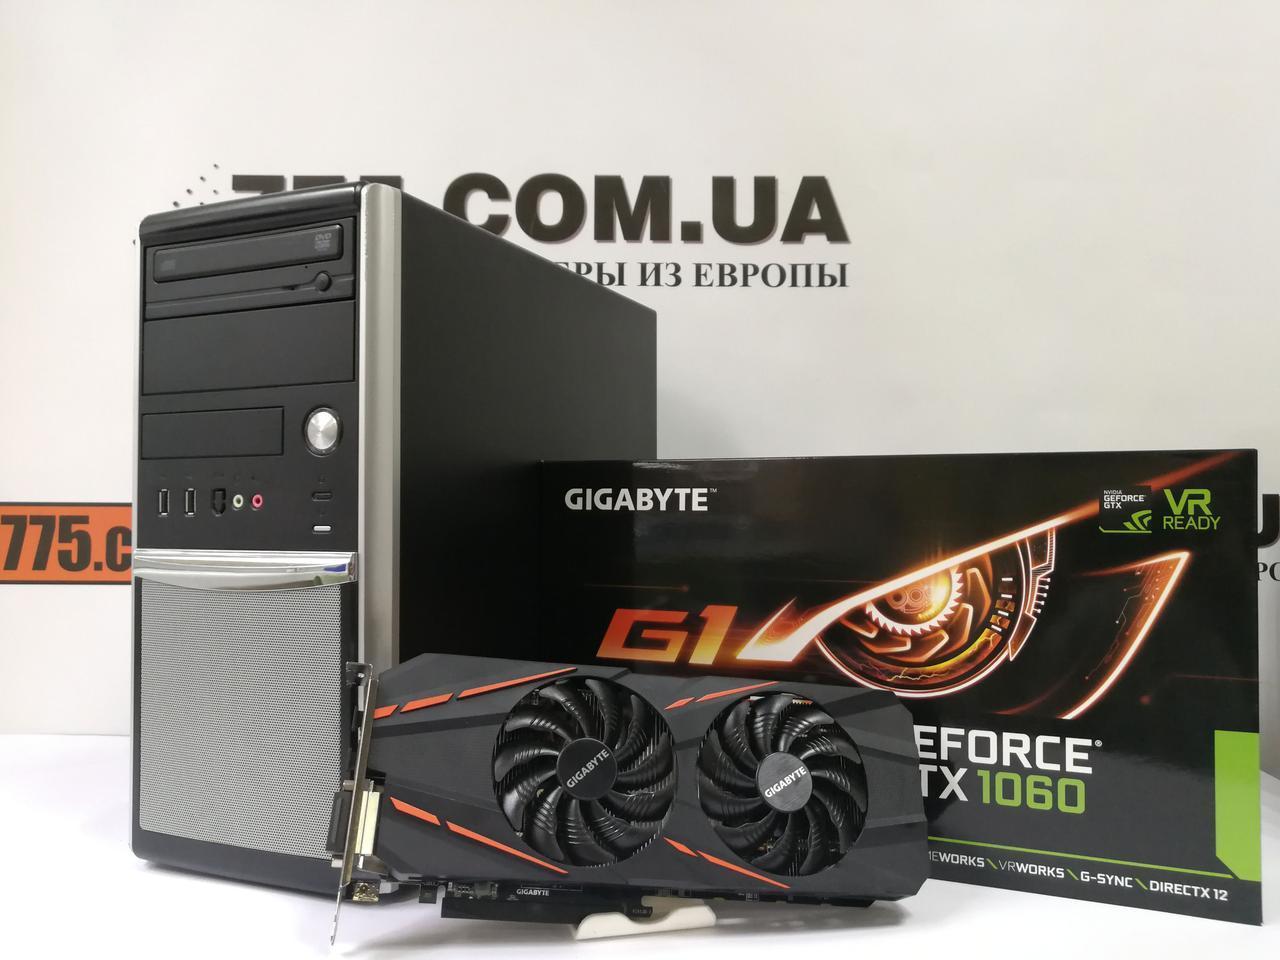 Игровой компьютер, Intel Core i3-4130 3.4GHz, RAM 8ГБ, SSD 120ГБ + HDD 320ГБ, GTX 1060 3ГБ, гарантия 6 мес!